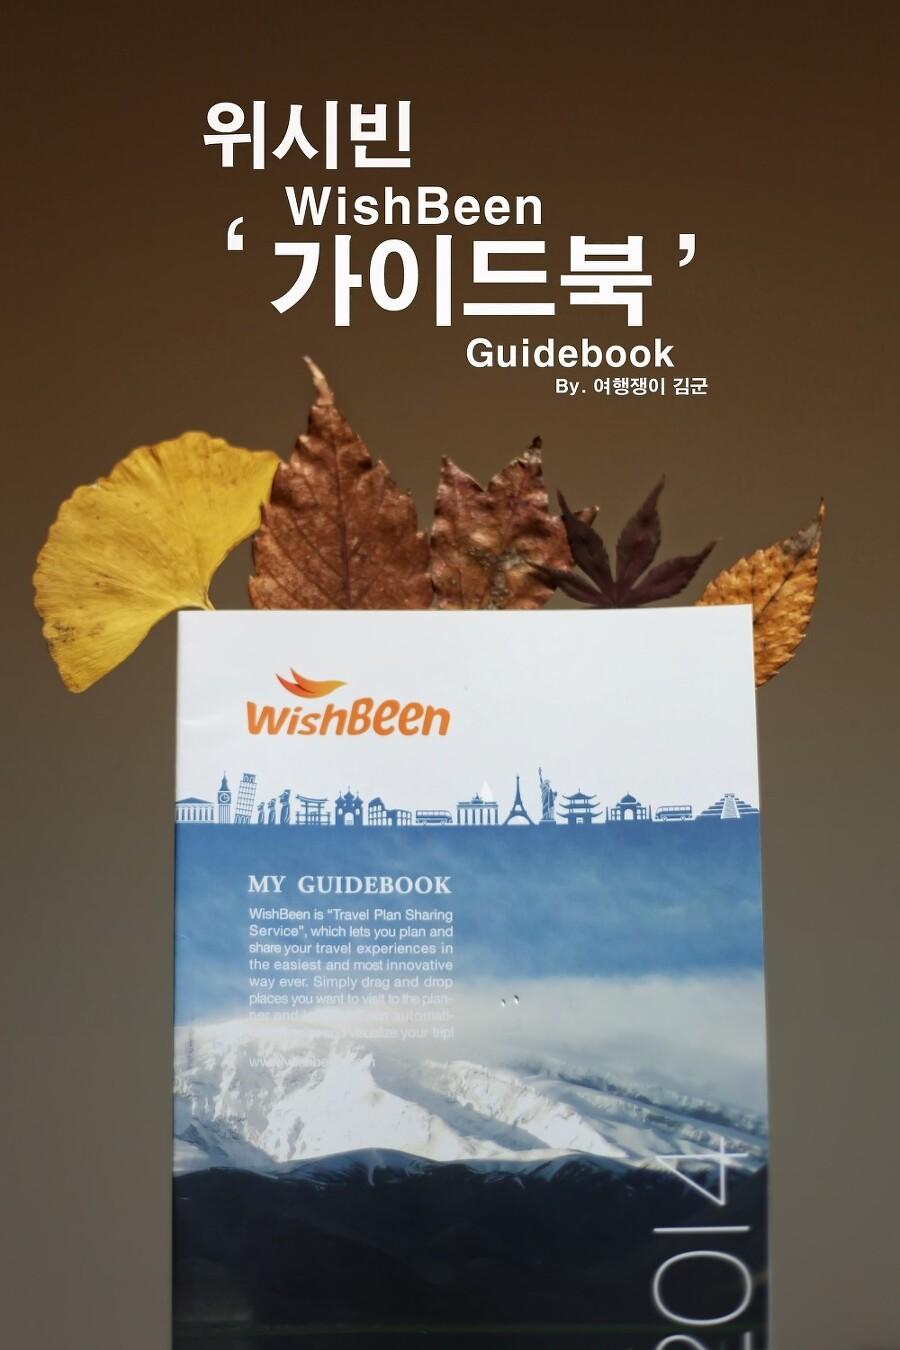 위시빈(WishBeen) 가이드북 만들기